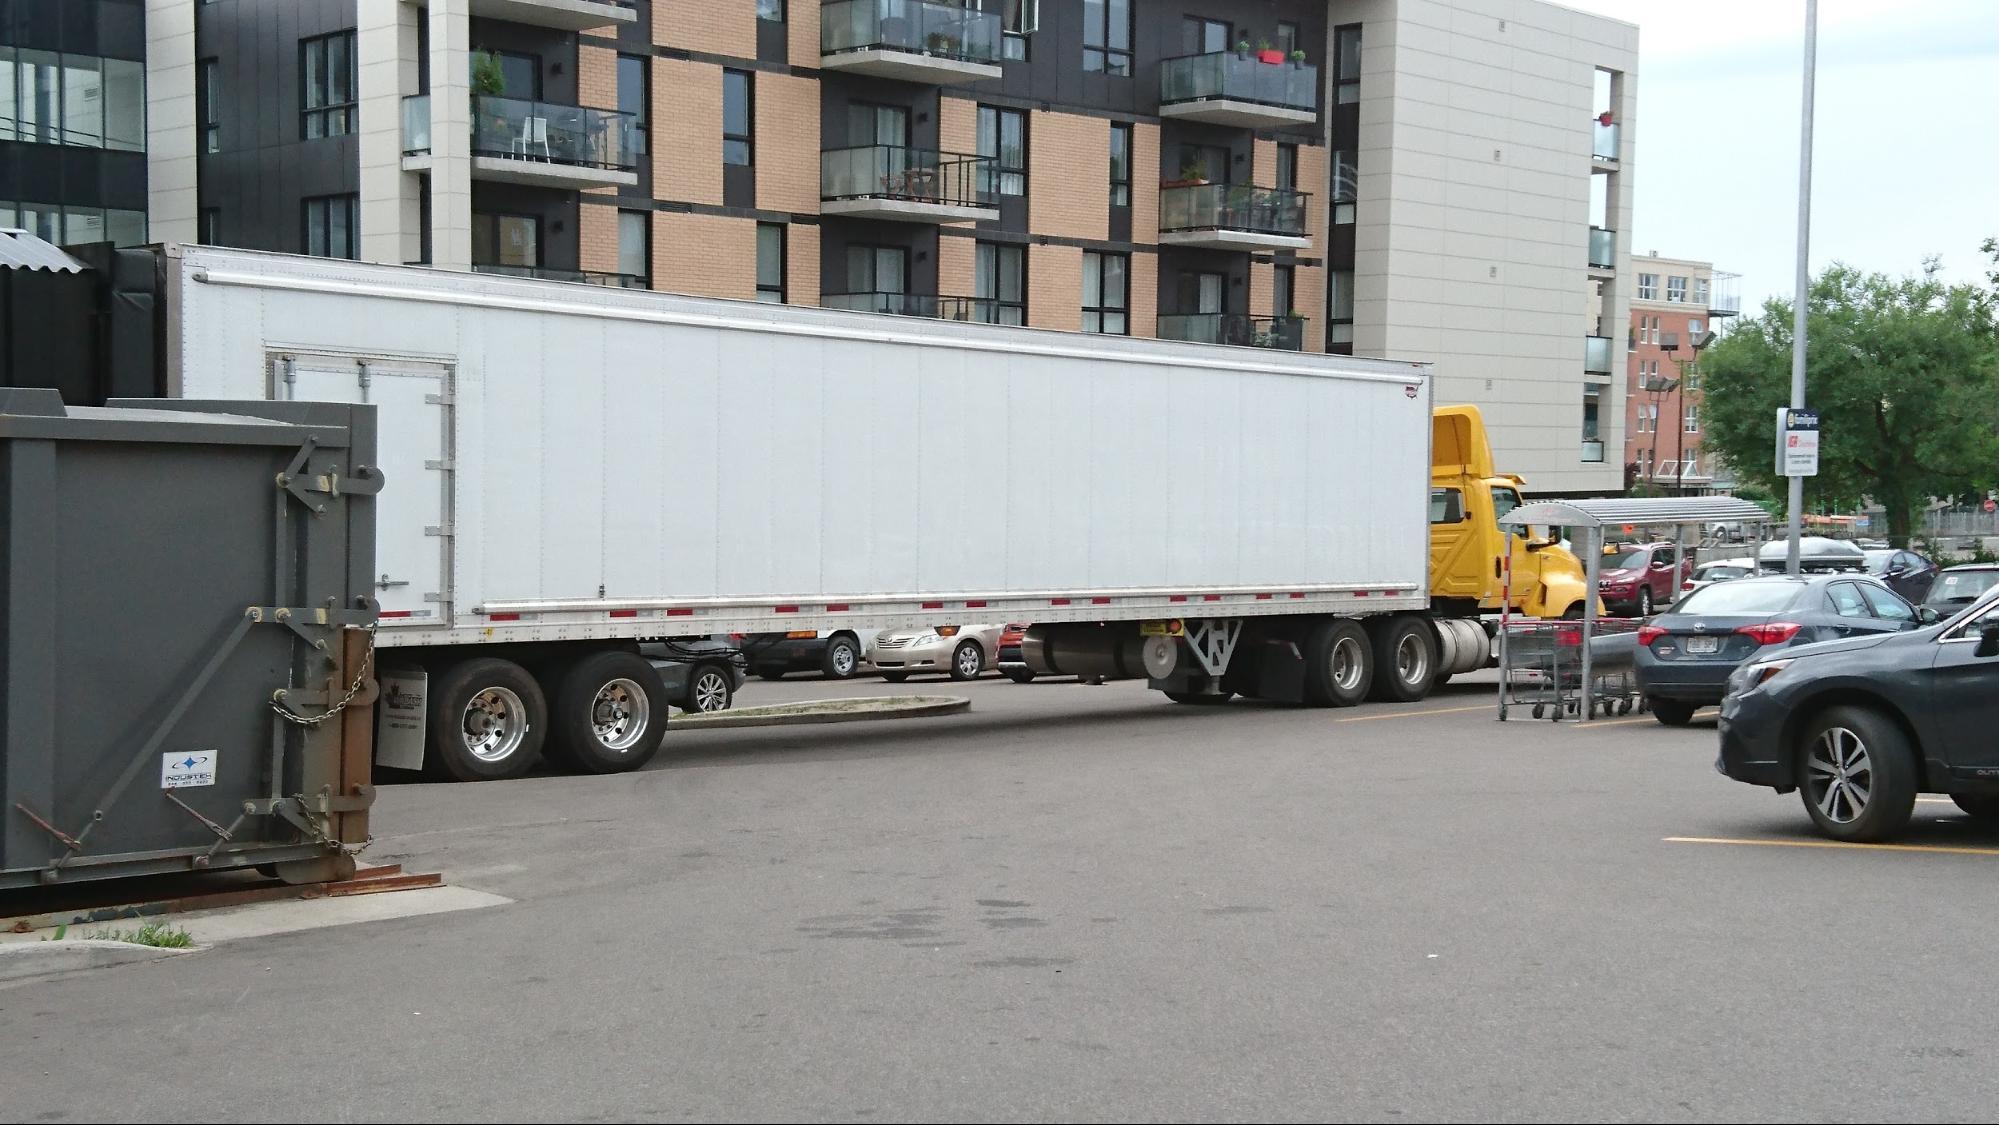 大きな車やトラックの多さ